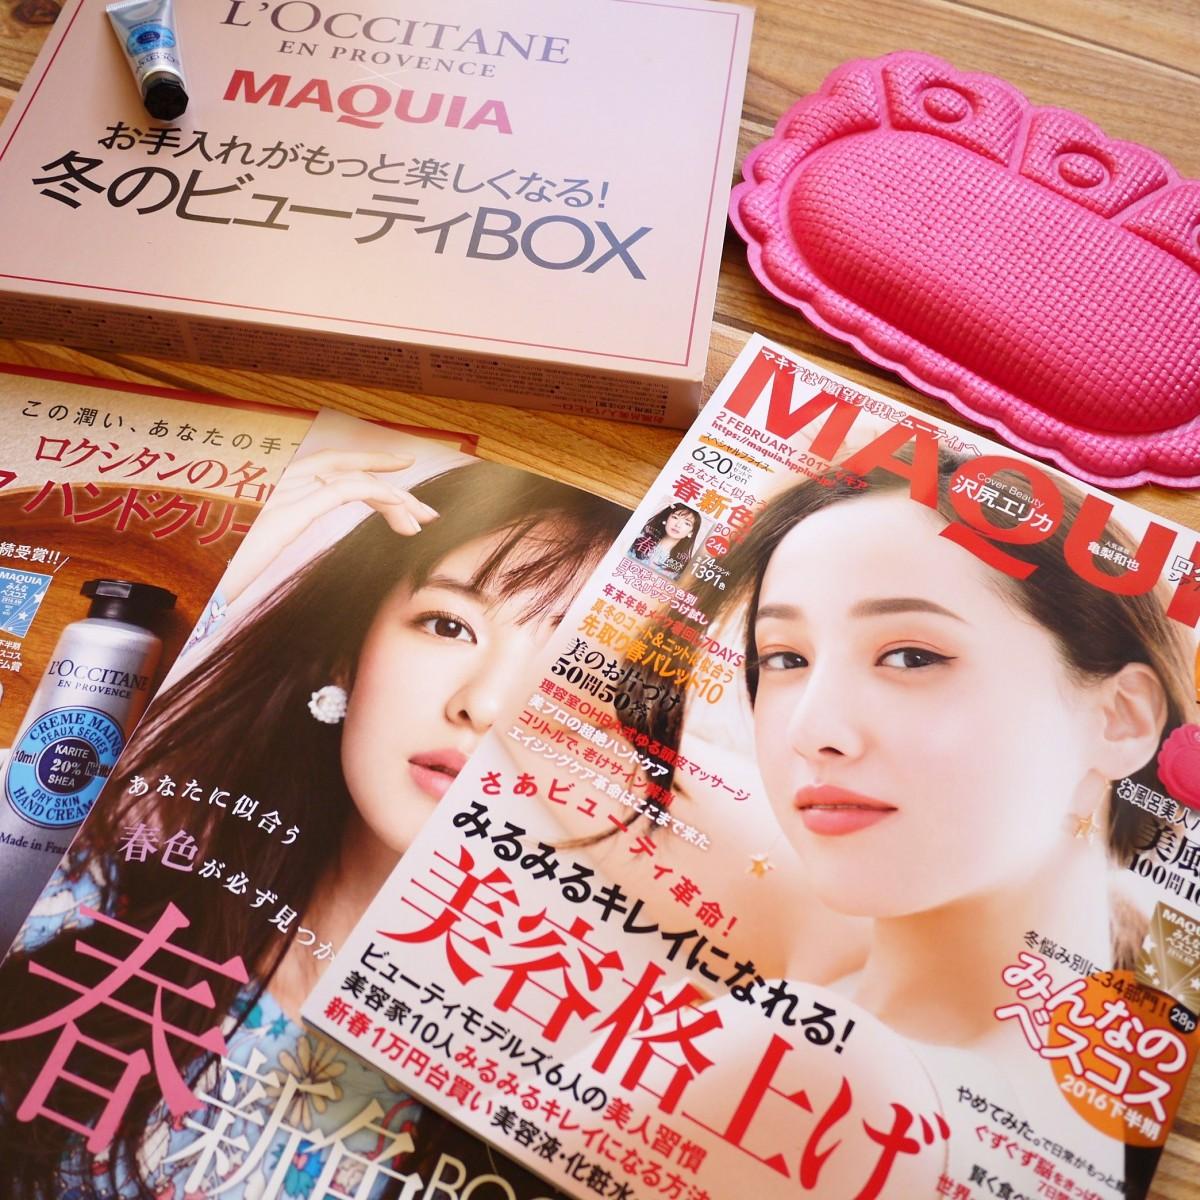 【売切れ必至】まさかのロクシタンハンドクリーム付き!MAQUIA2月号は本日発売!